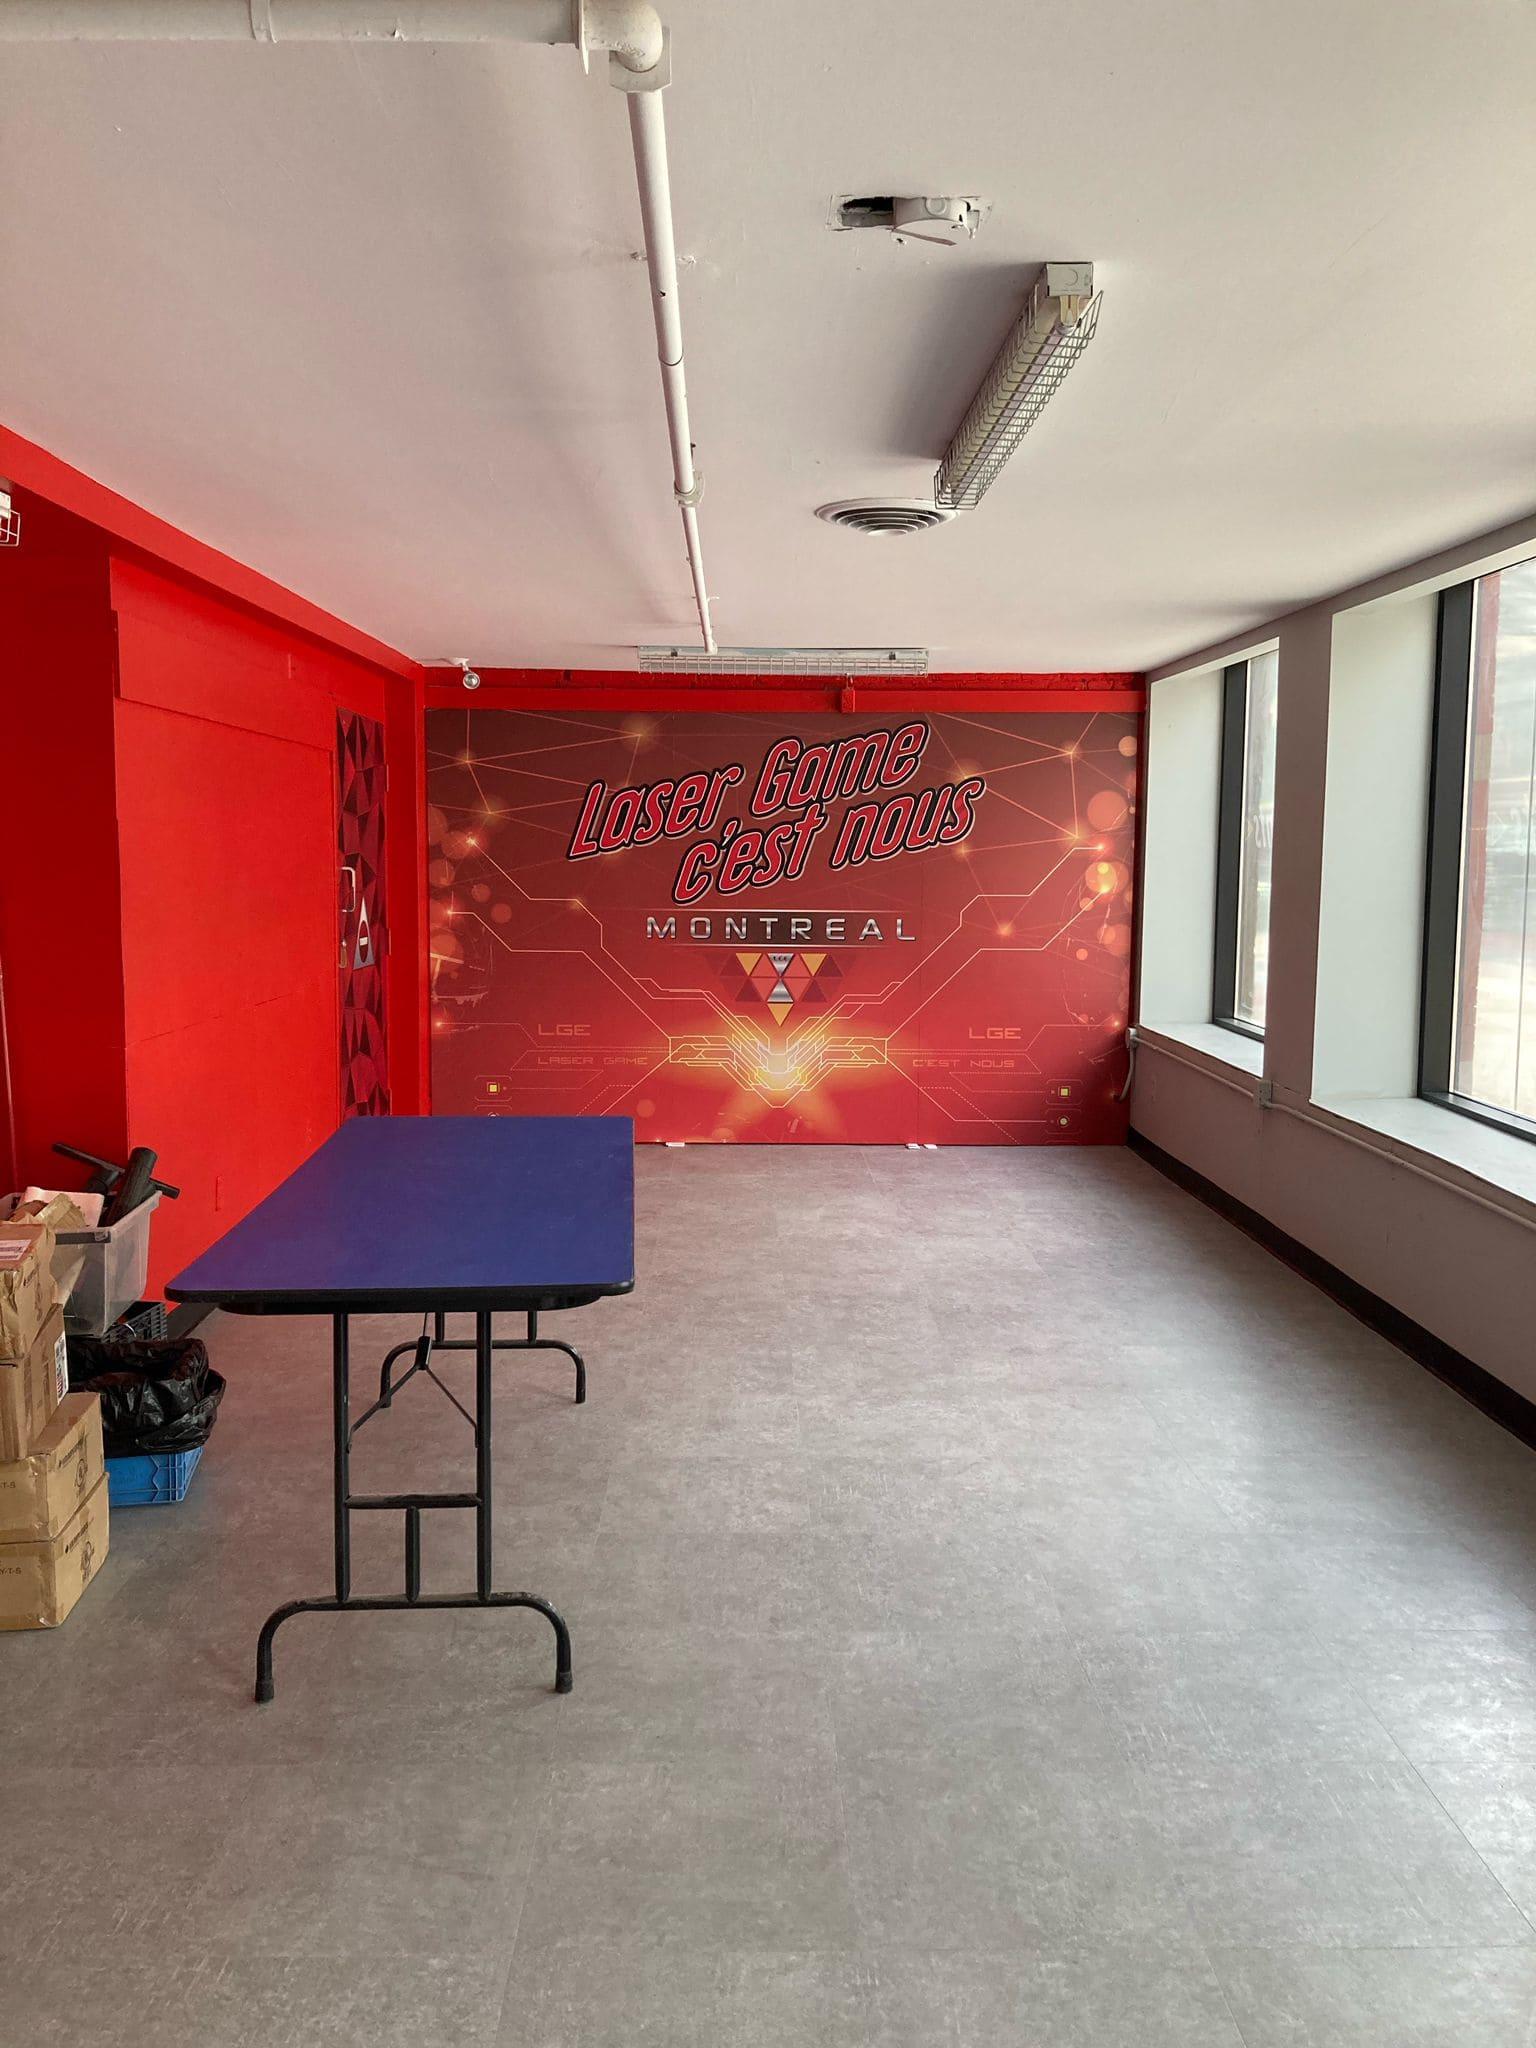 Notre 7ème centre Laser Game Evolution ® canadien ouvrira ses portes le 25 juin.